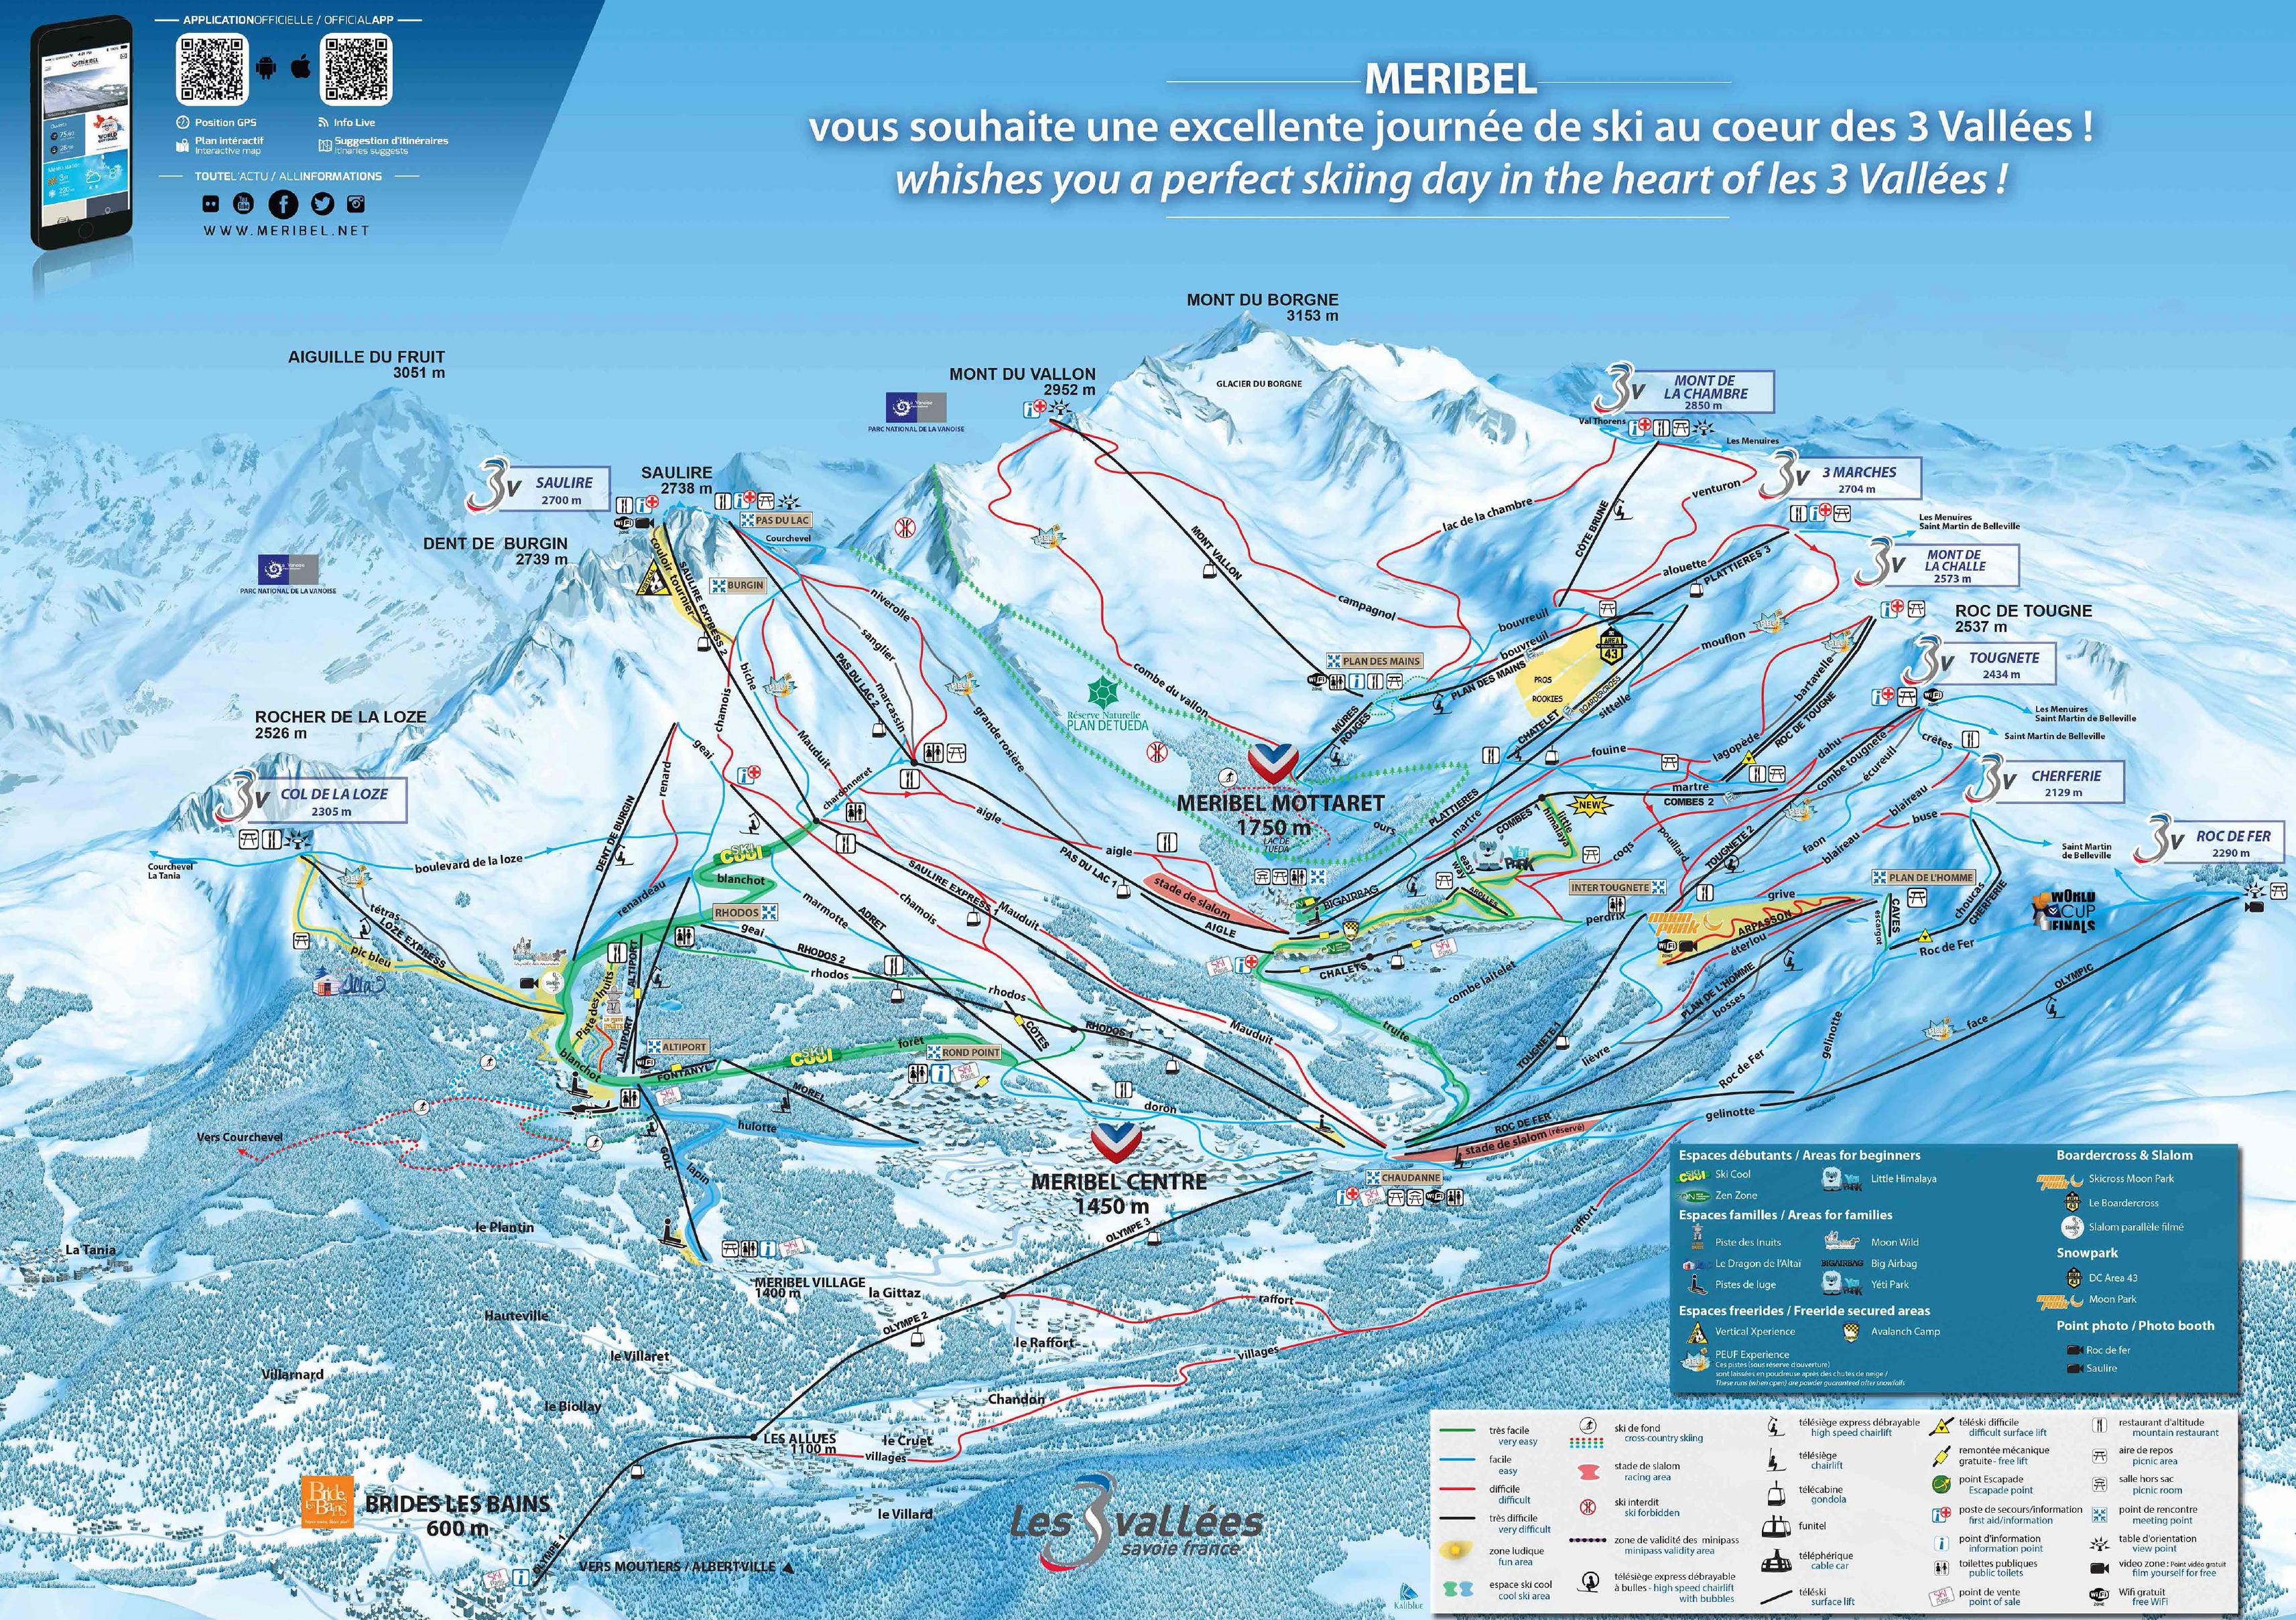 Brides les bains plan des pistes de ski brides les bains - Office du tourisme brides les bains location ...